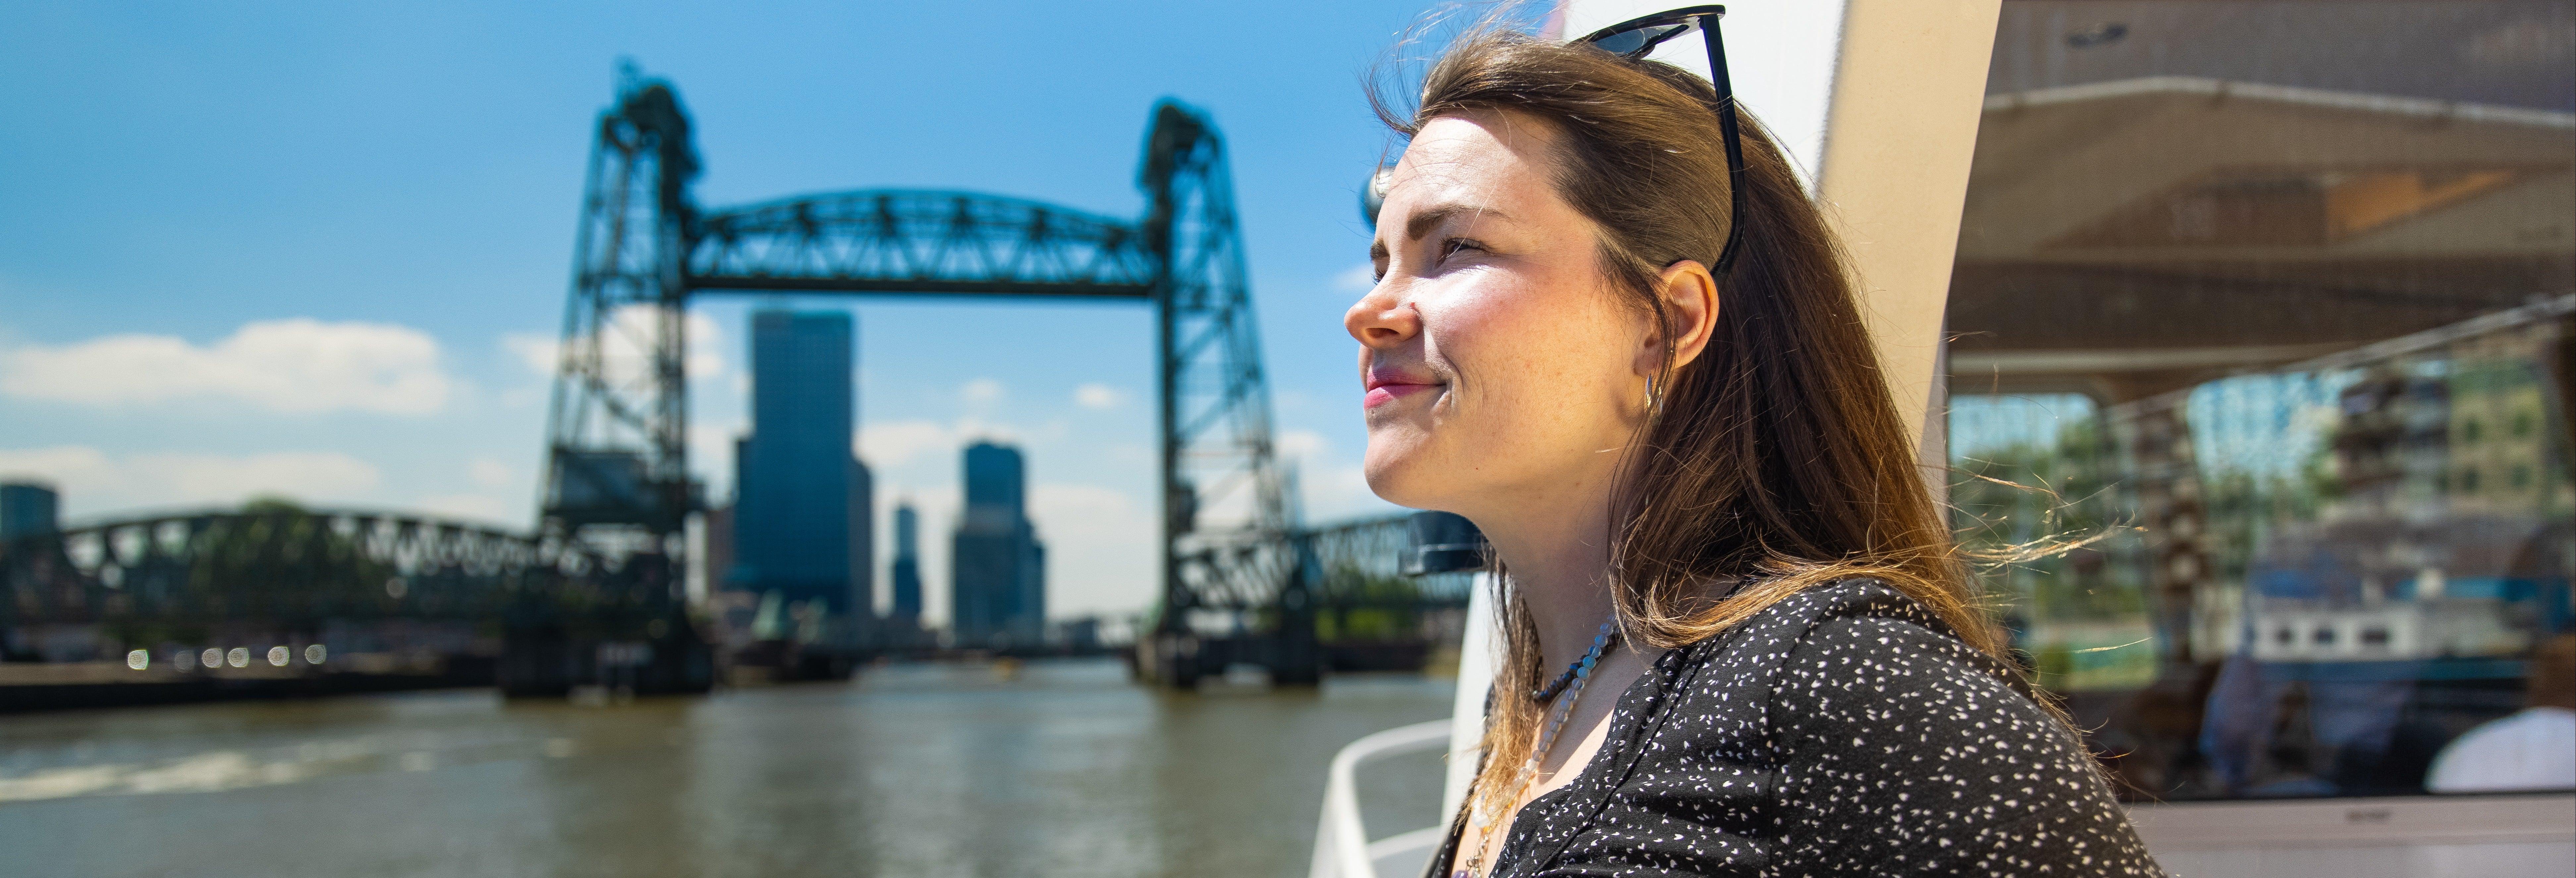 Passeio de barco por Roterdã